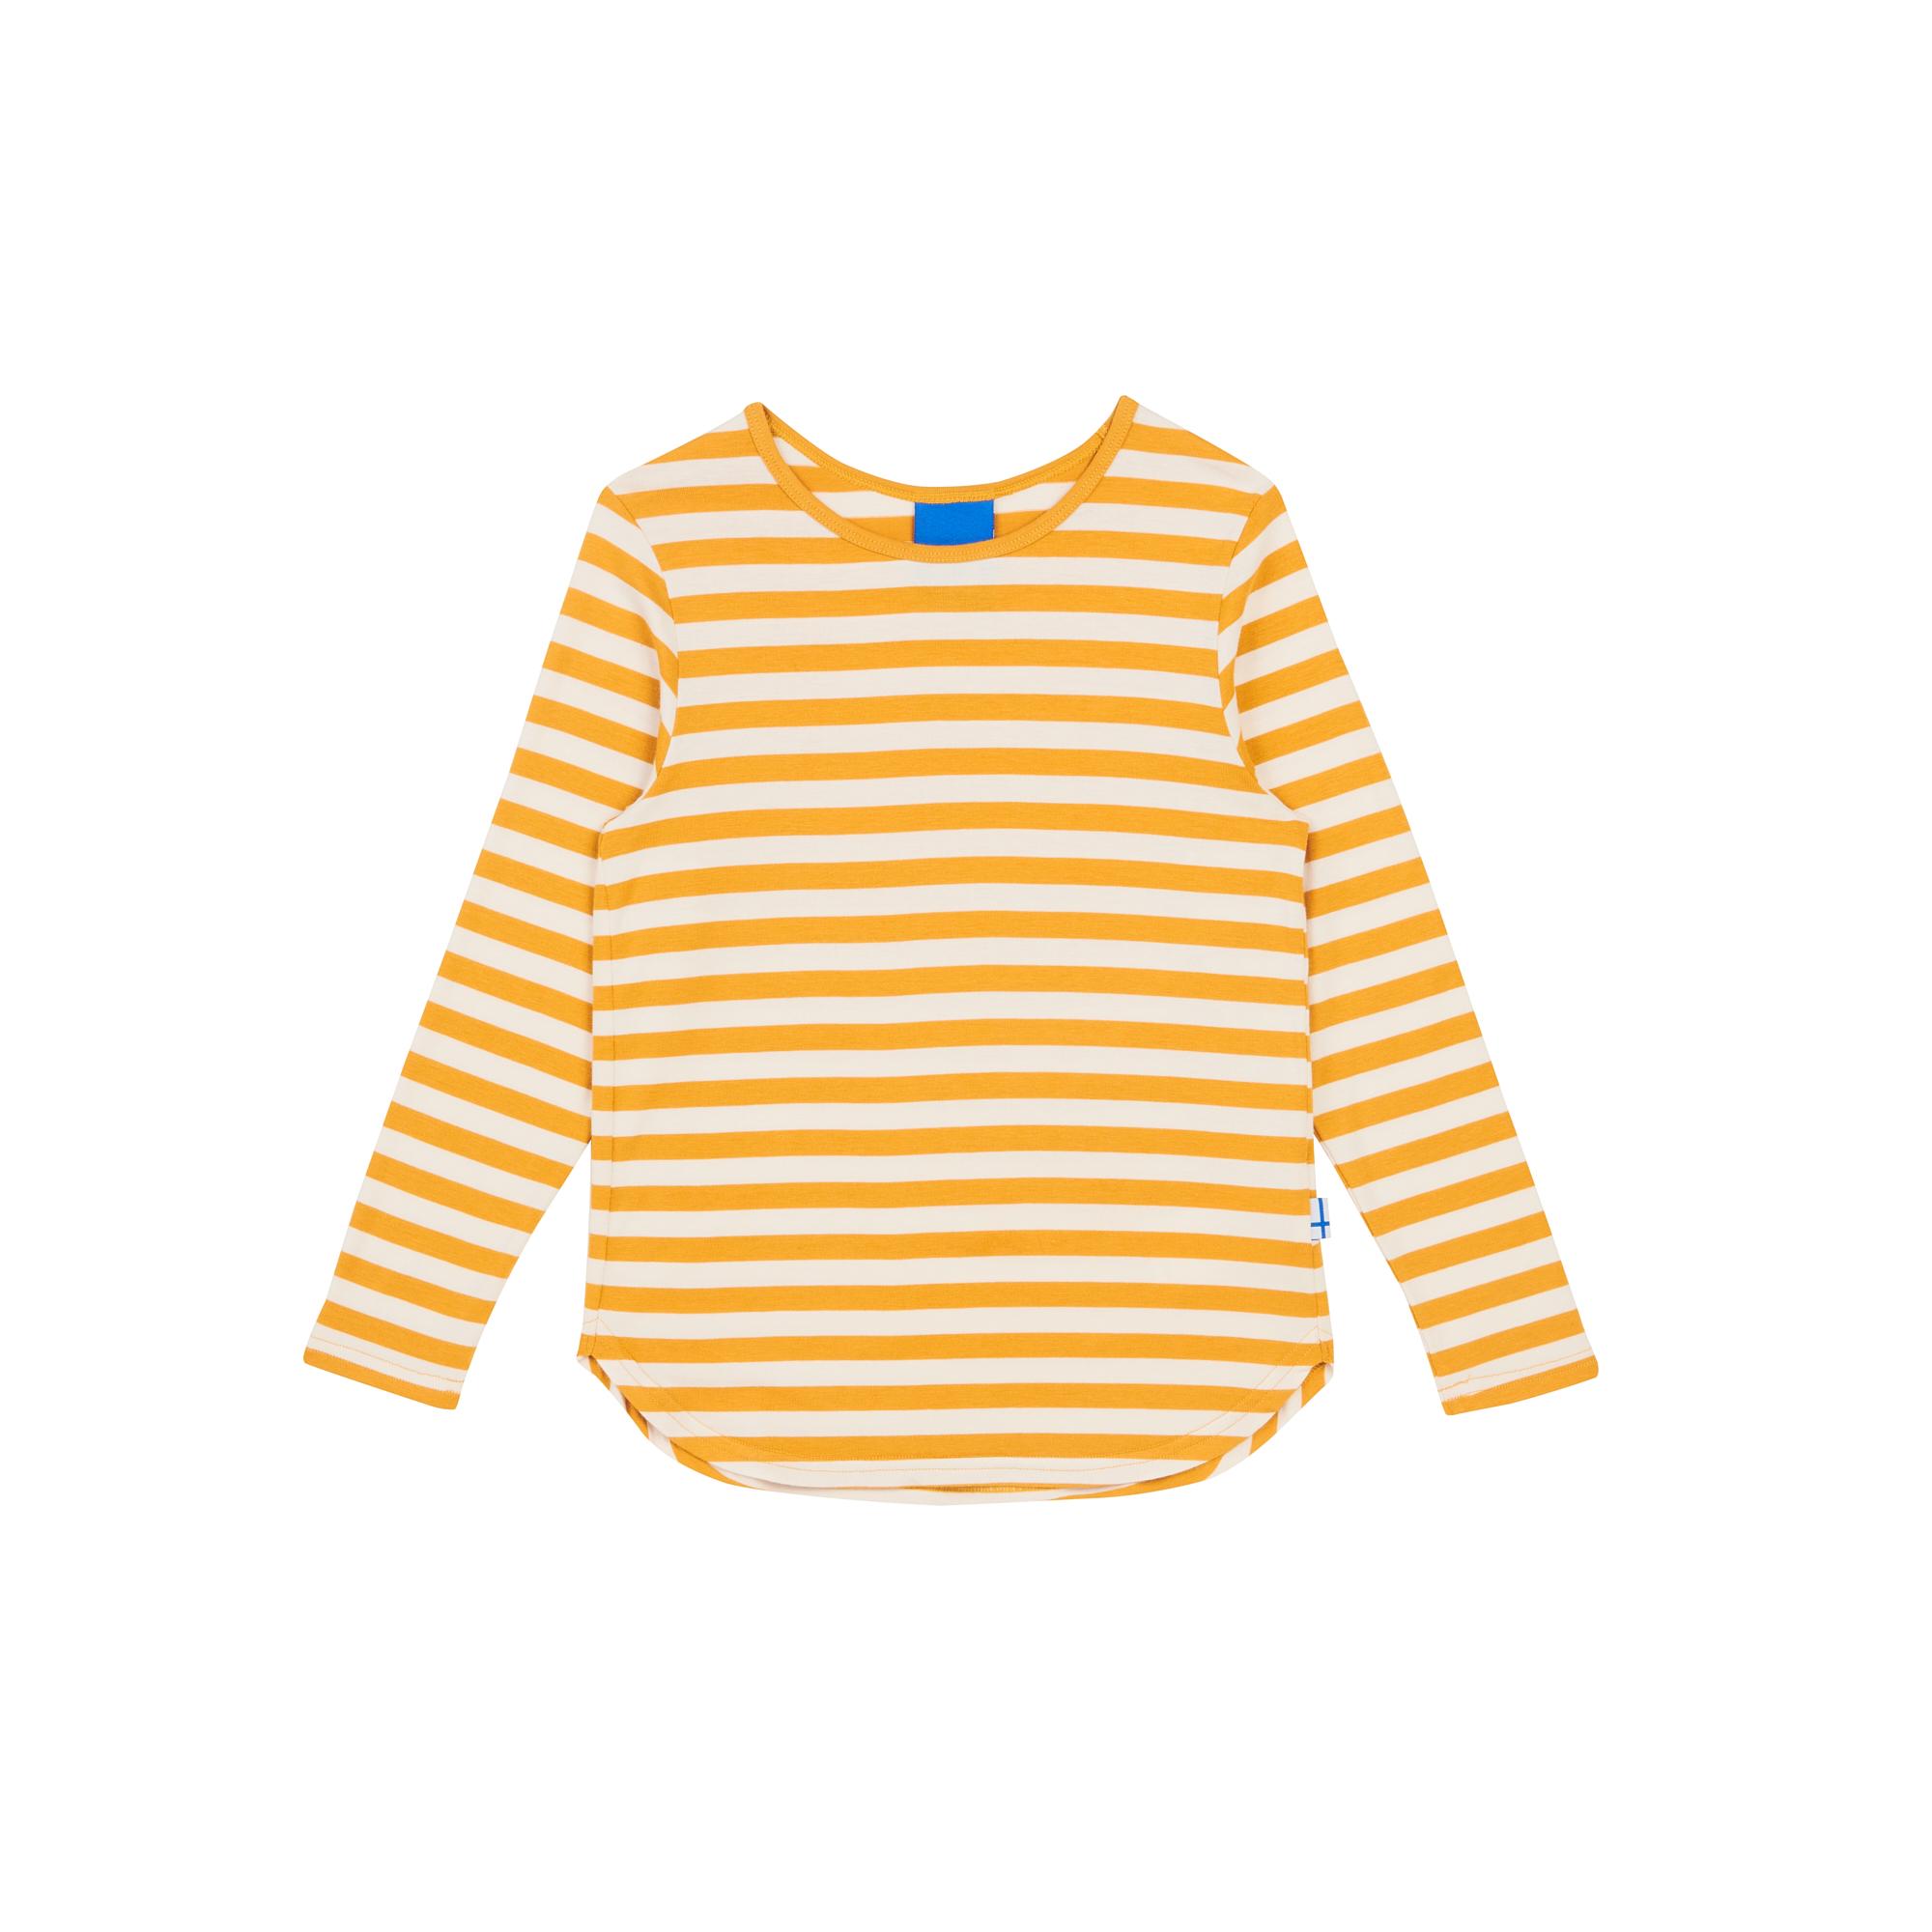 MERISILLI golden yellow/white longsleeve  090/100 Finkid®